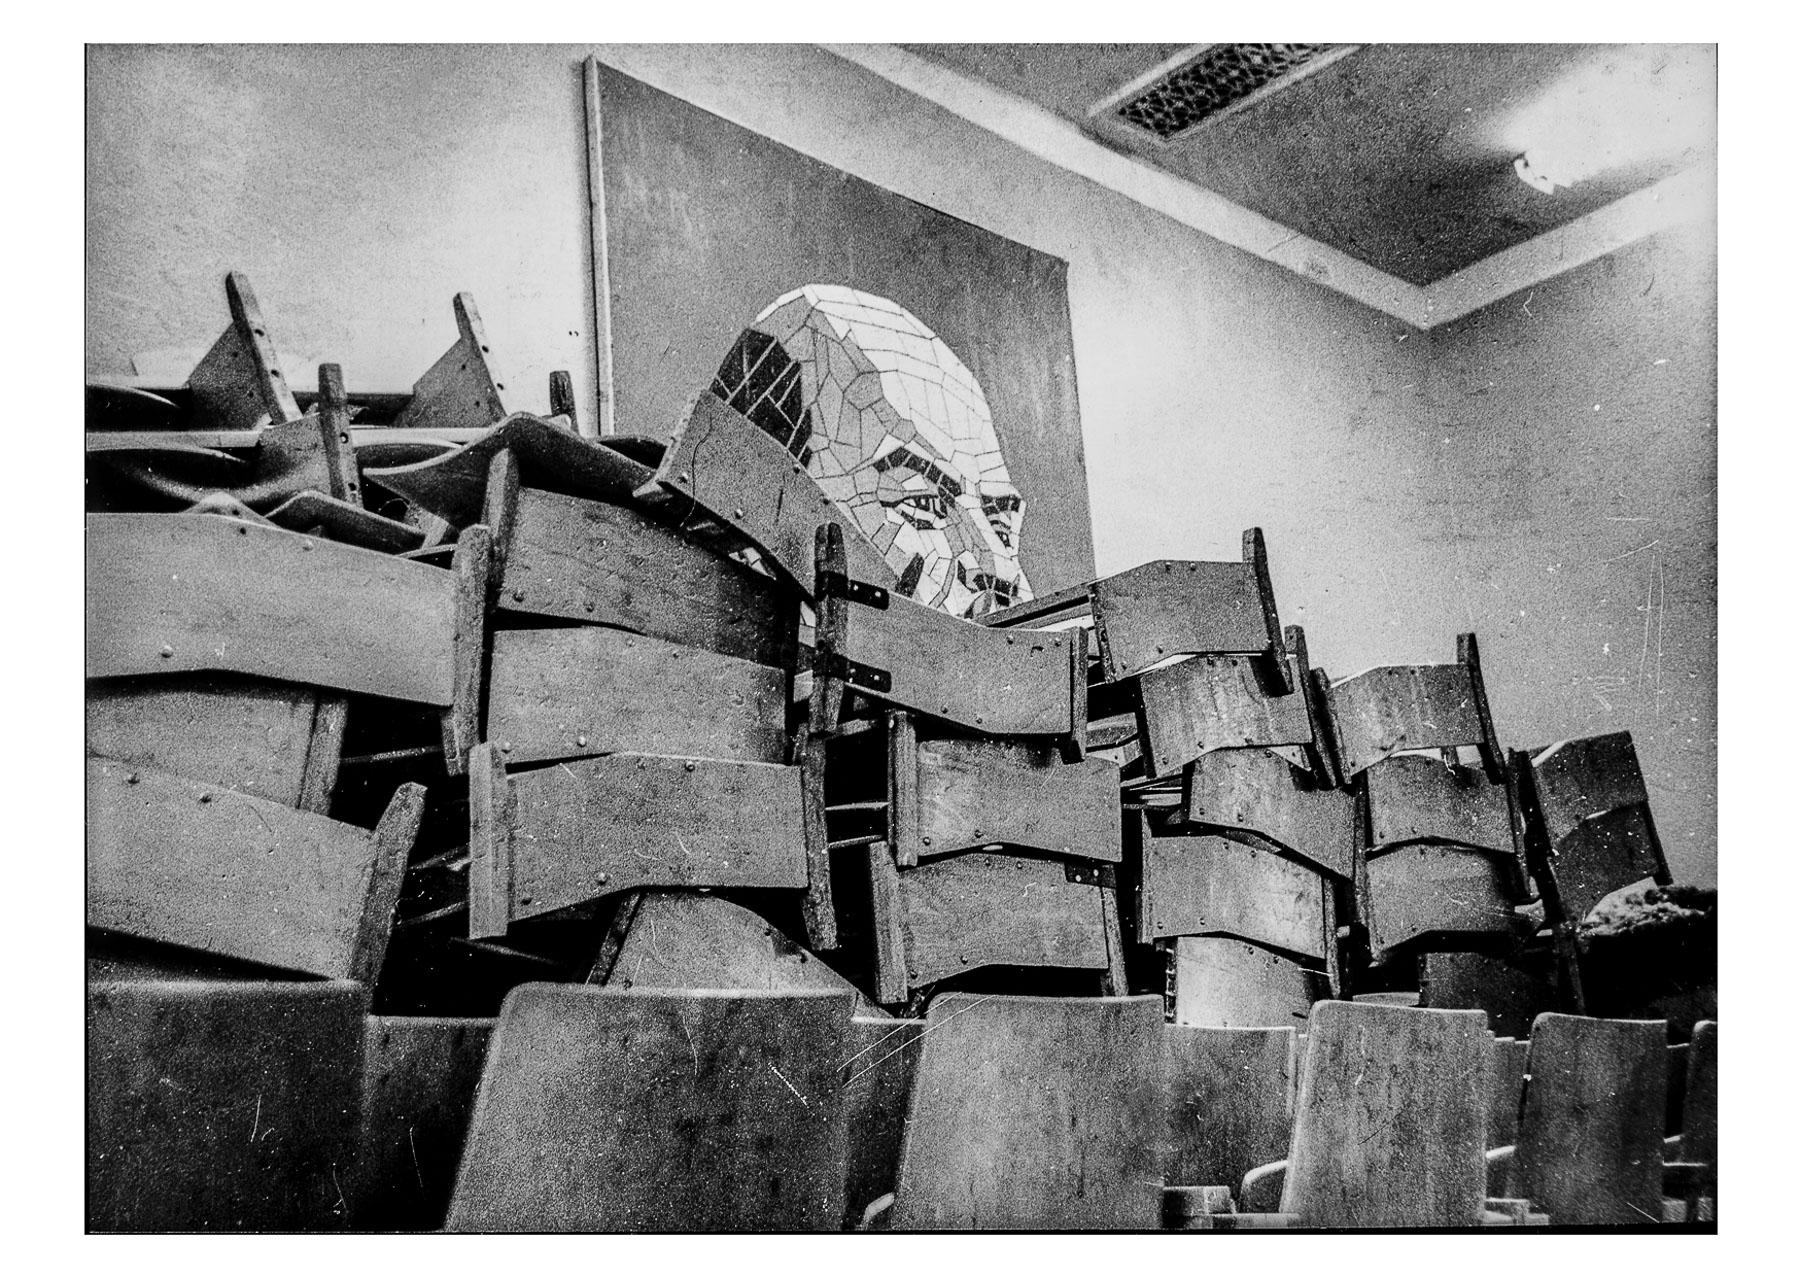 Курсы фотографии в Минске, Фотокурсы в Минске, Курсы фотографии для начинающих в Минске, обучение фотографии в Минске, фотошкола, курс фотографии Вадима Качана, выставка-продажа фотографий Minsk Photo Days